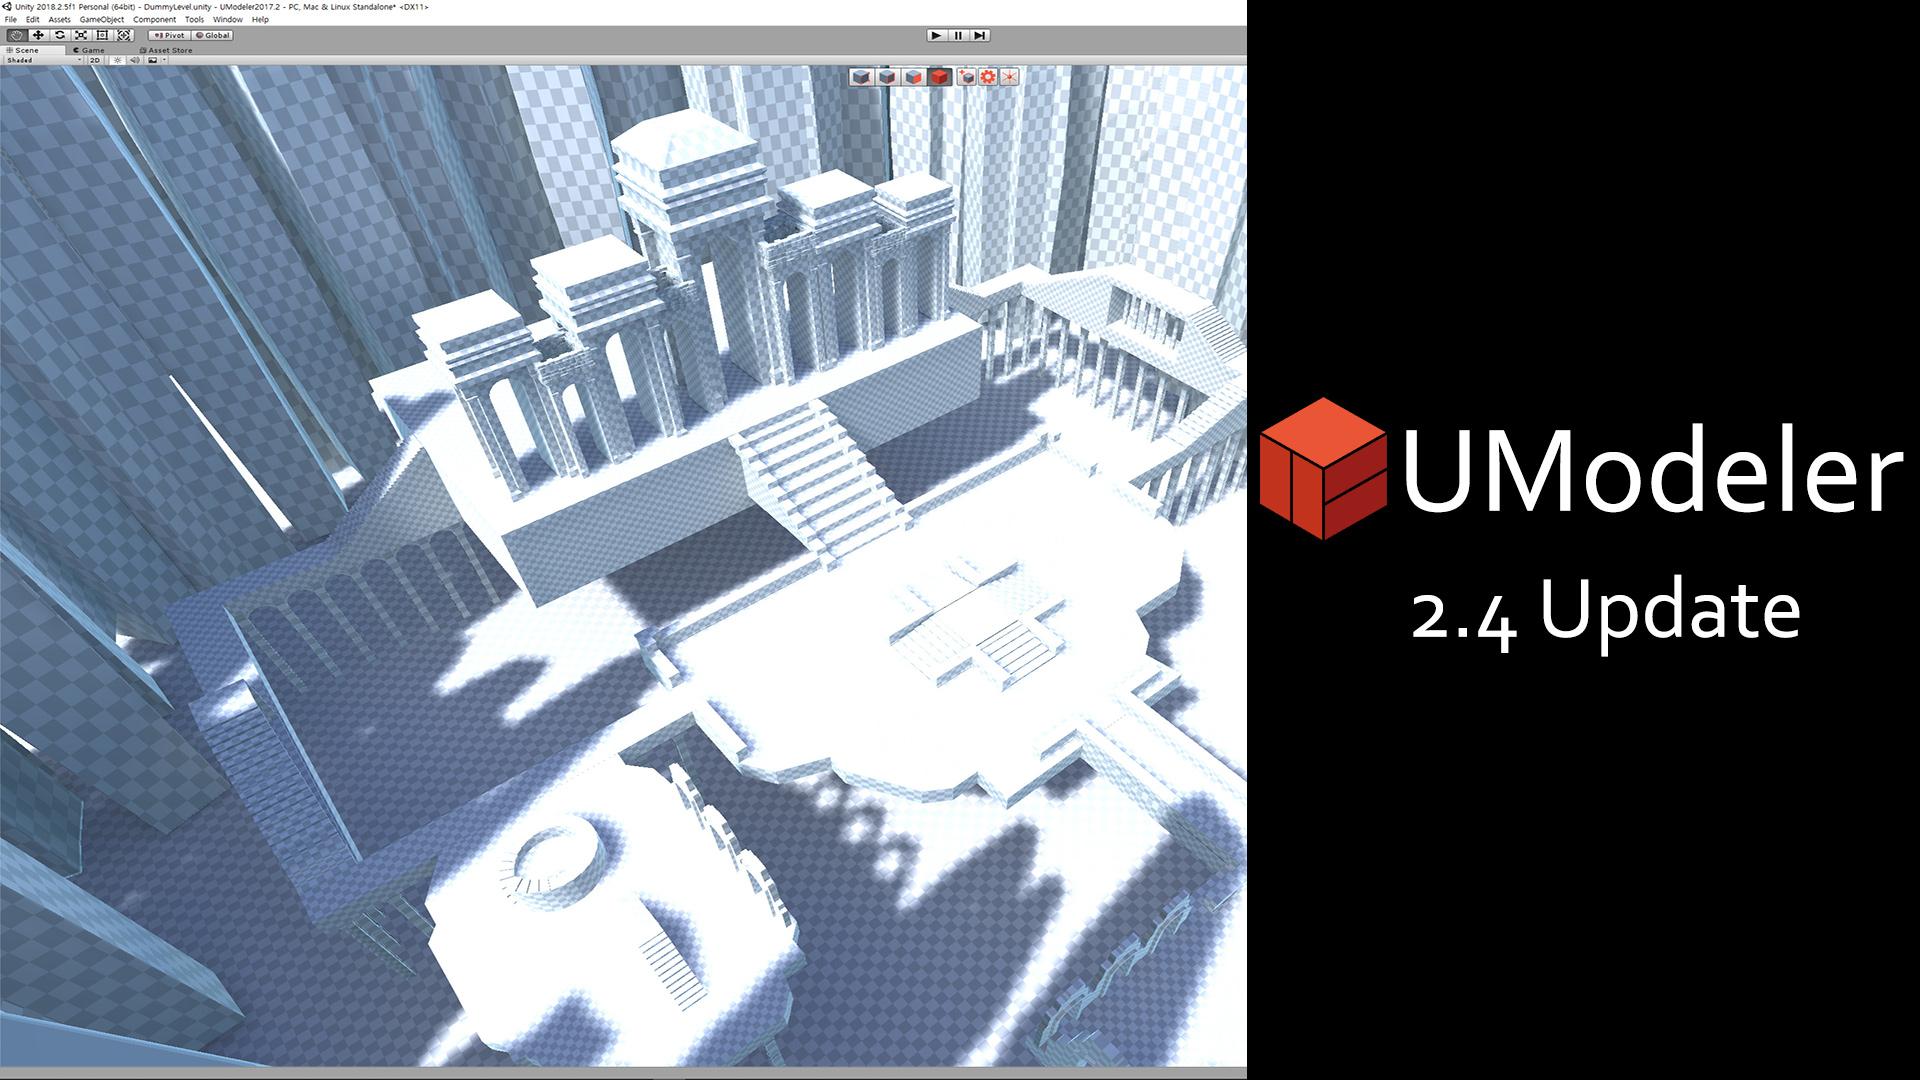 UModeler2.4UpdateThumbnail.jpg